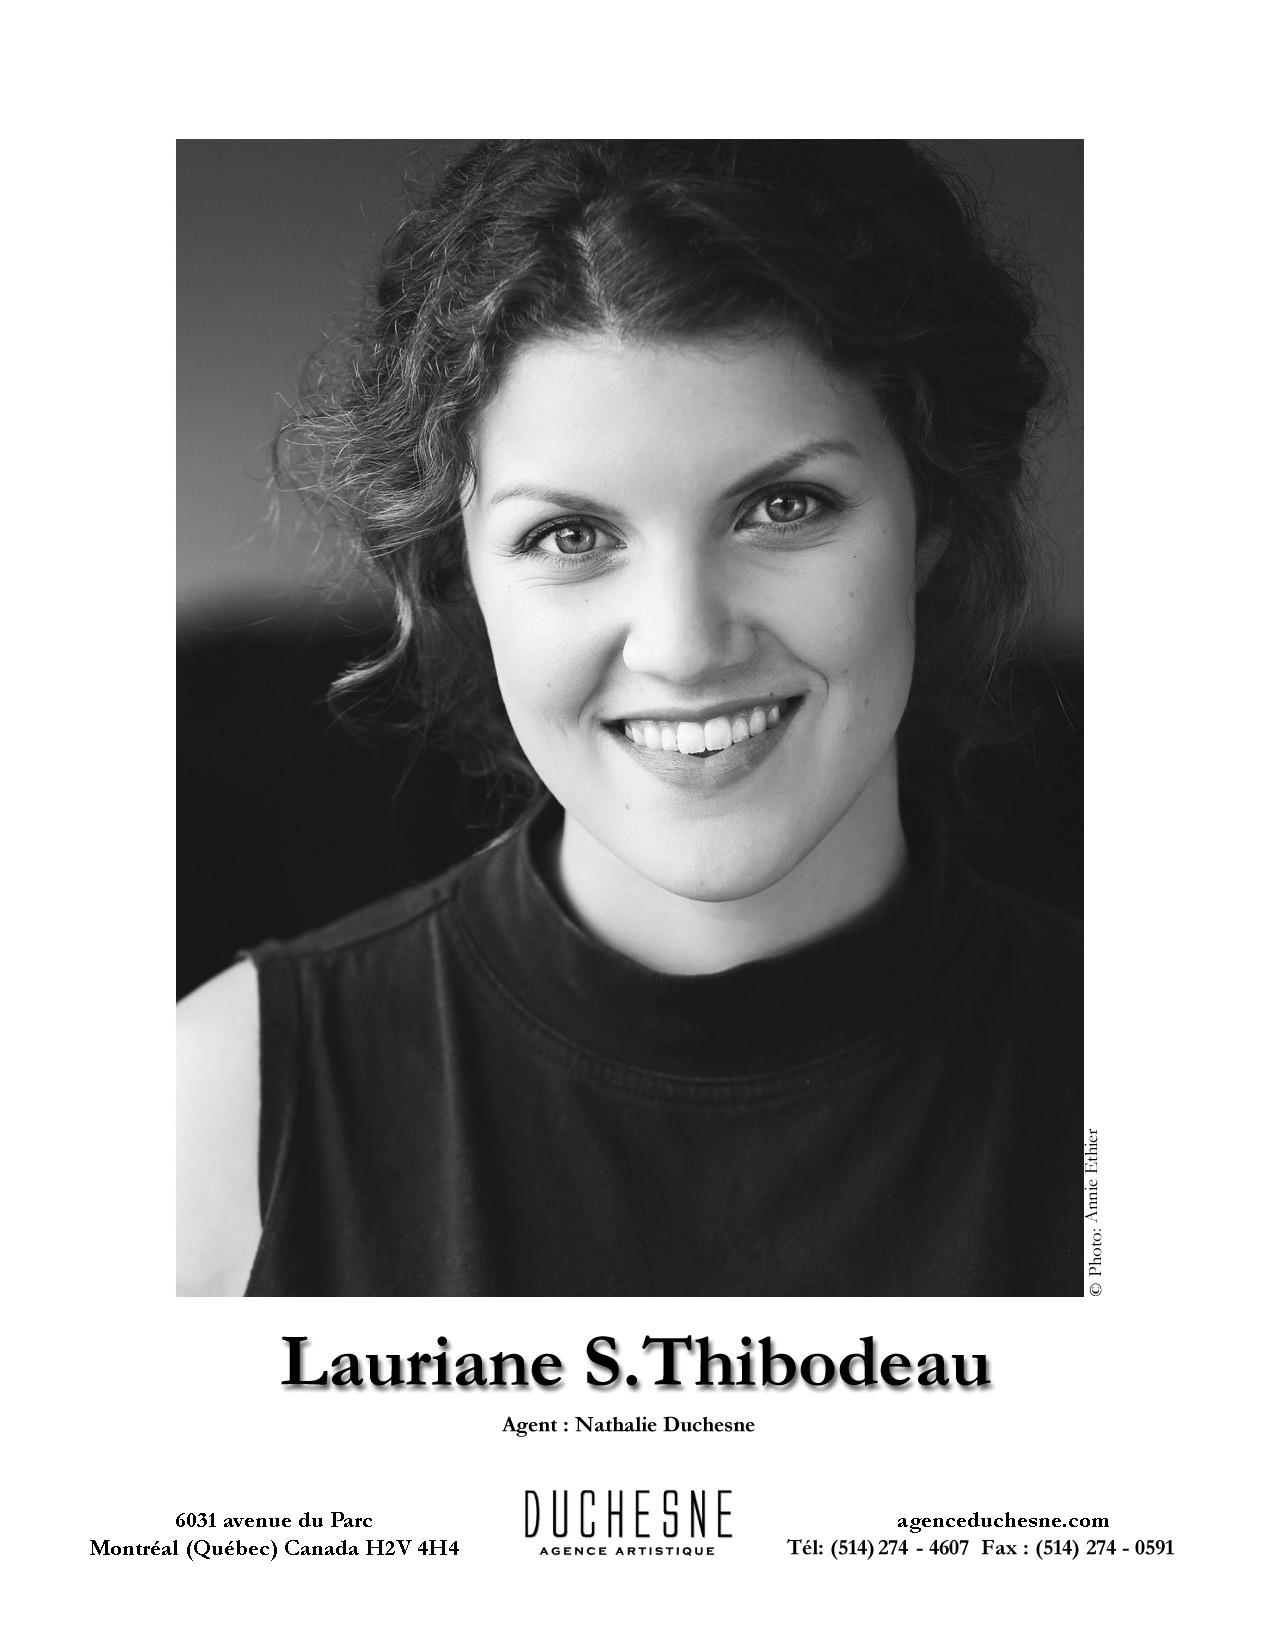 lauriane s  thibodeau - cv